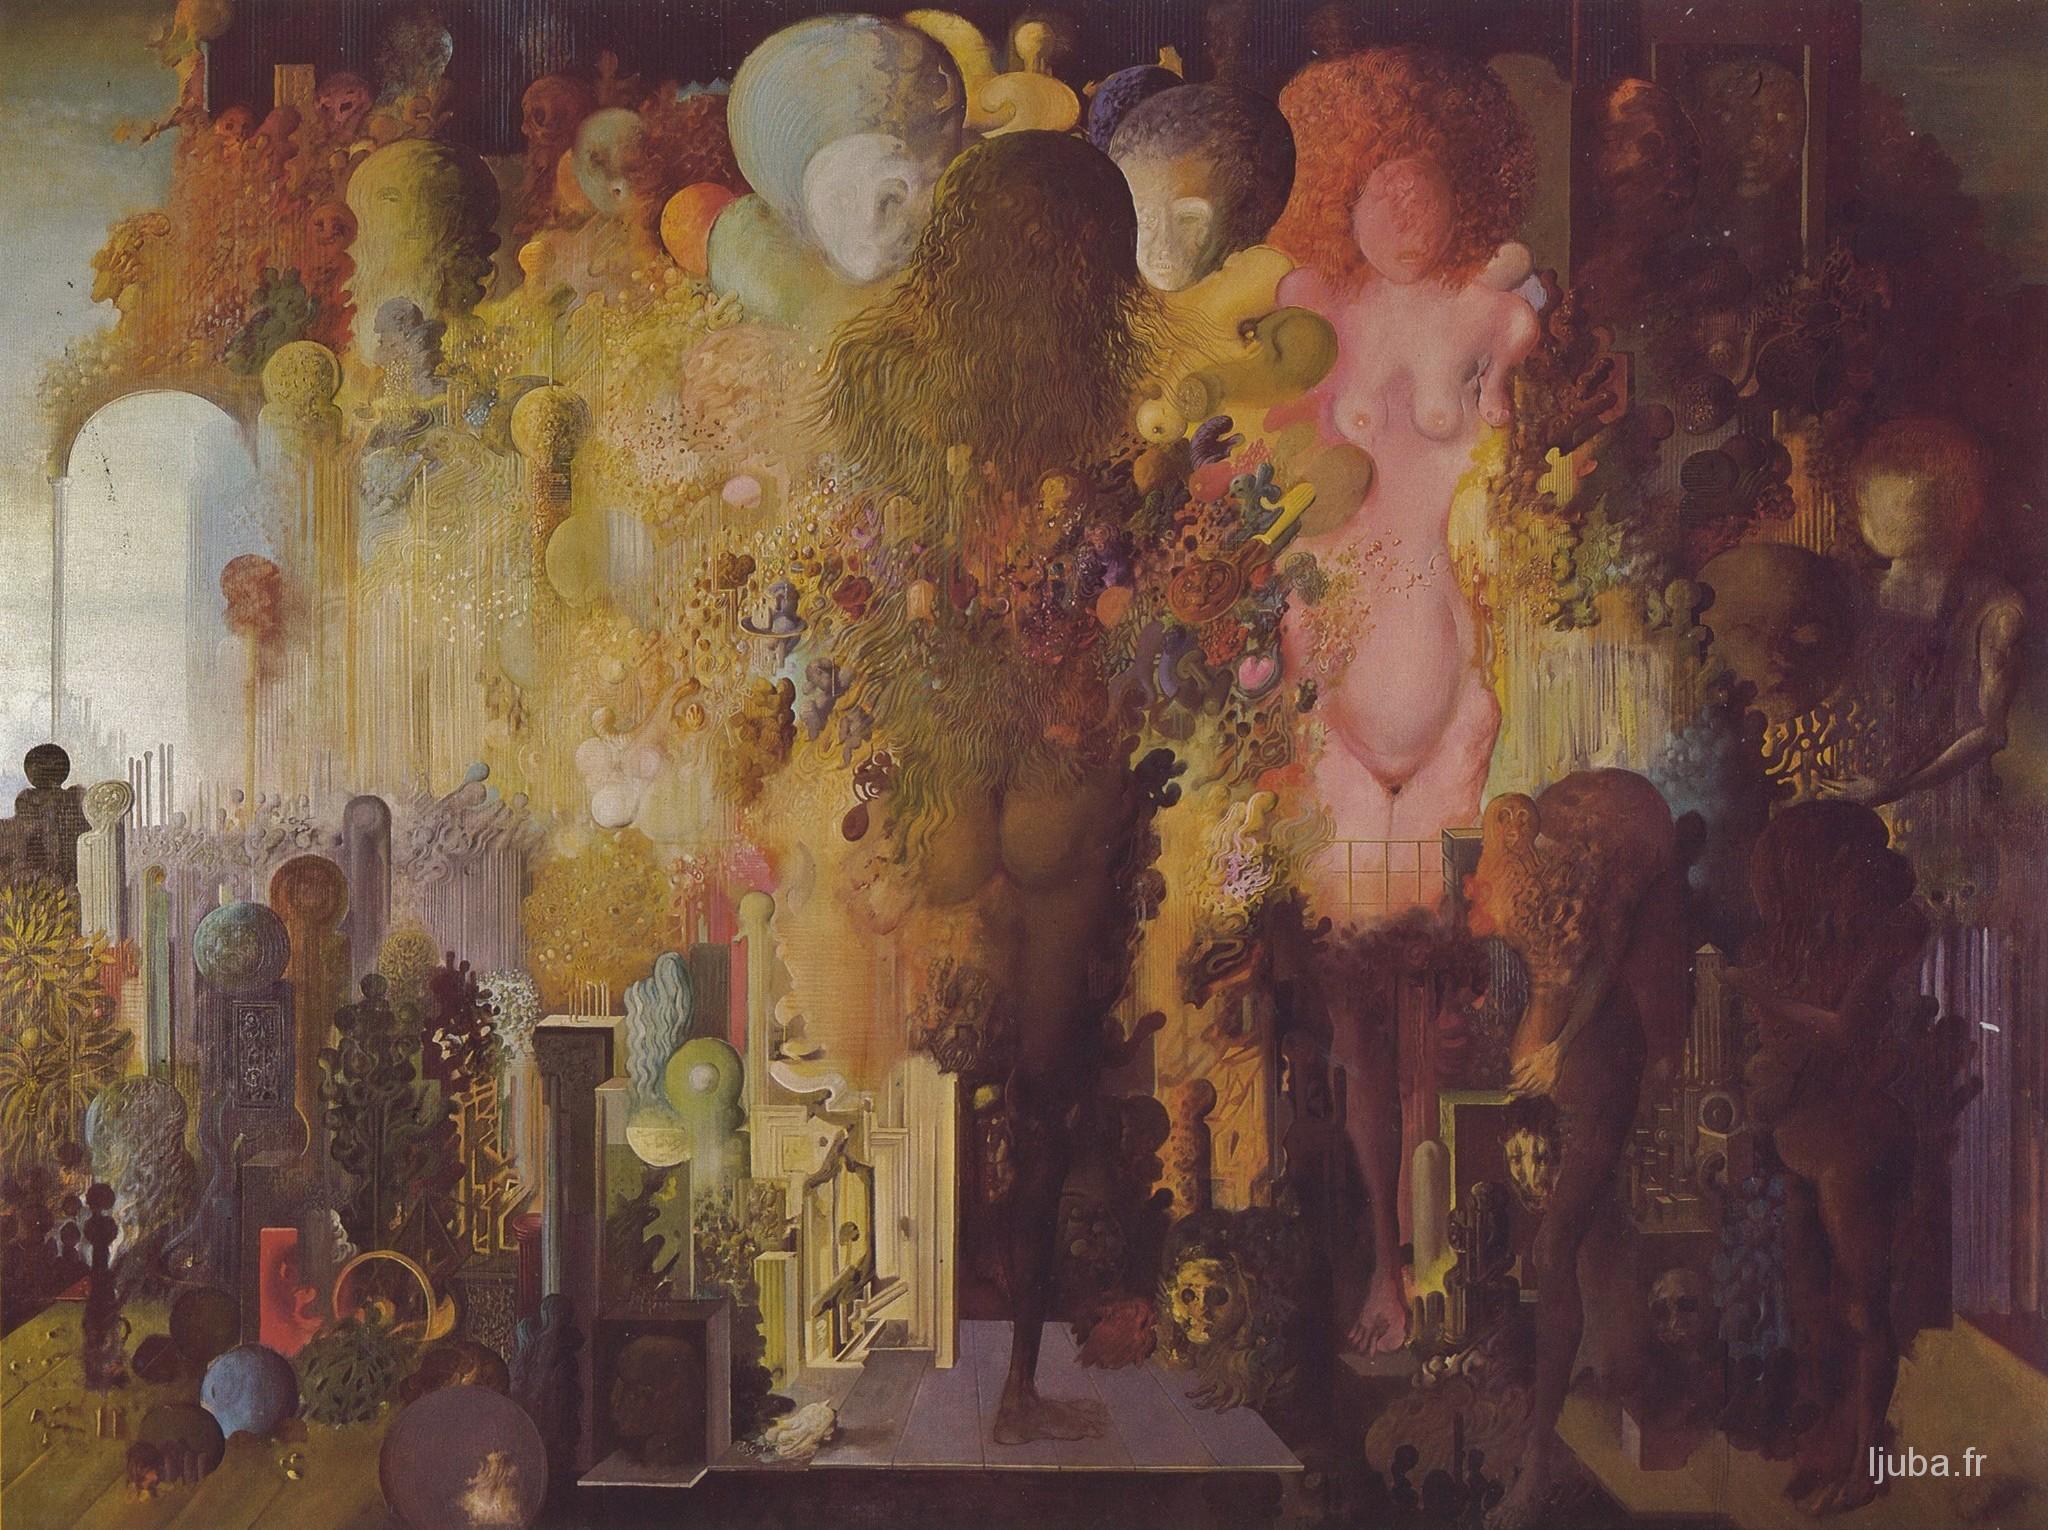 Ljuba Popovic - Rađanje kosmičkog čoveka, 1971-70